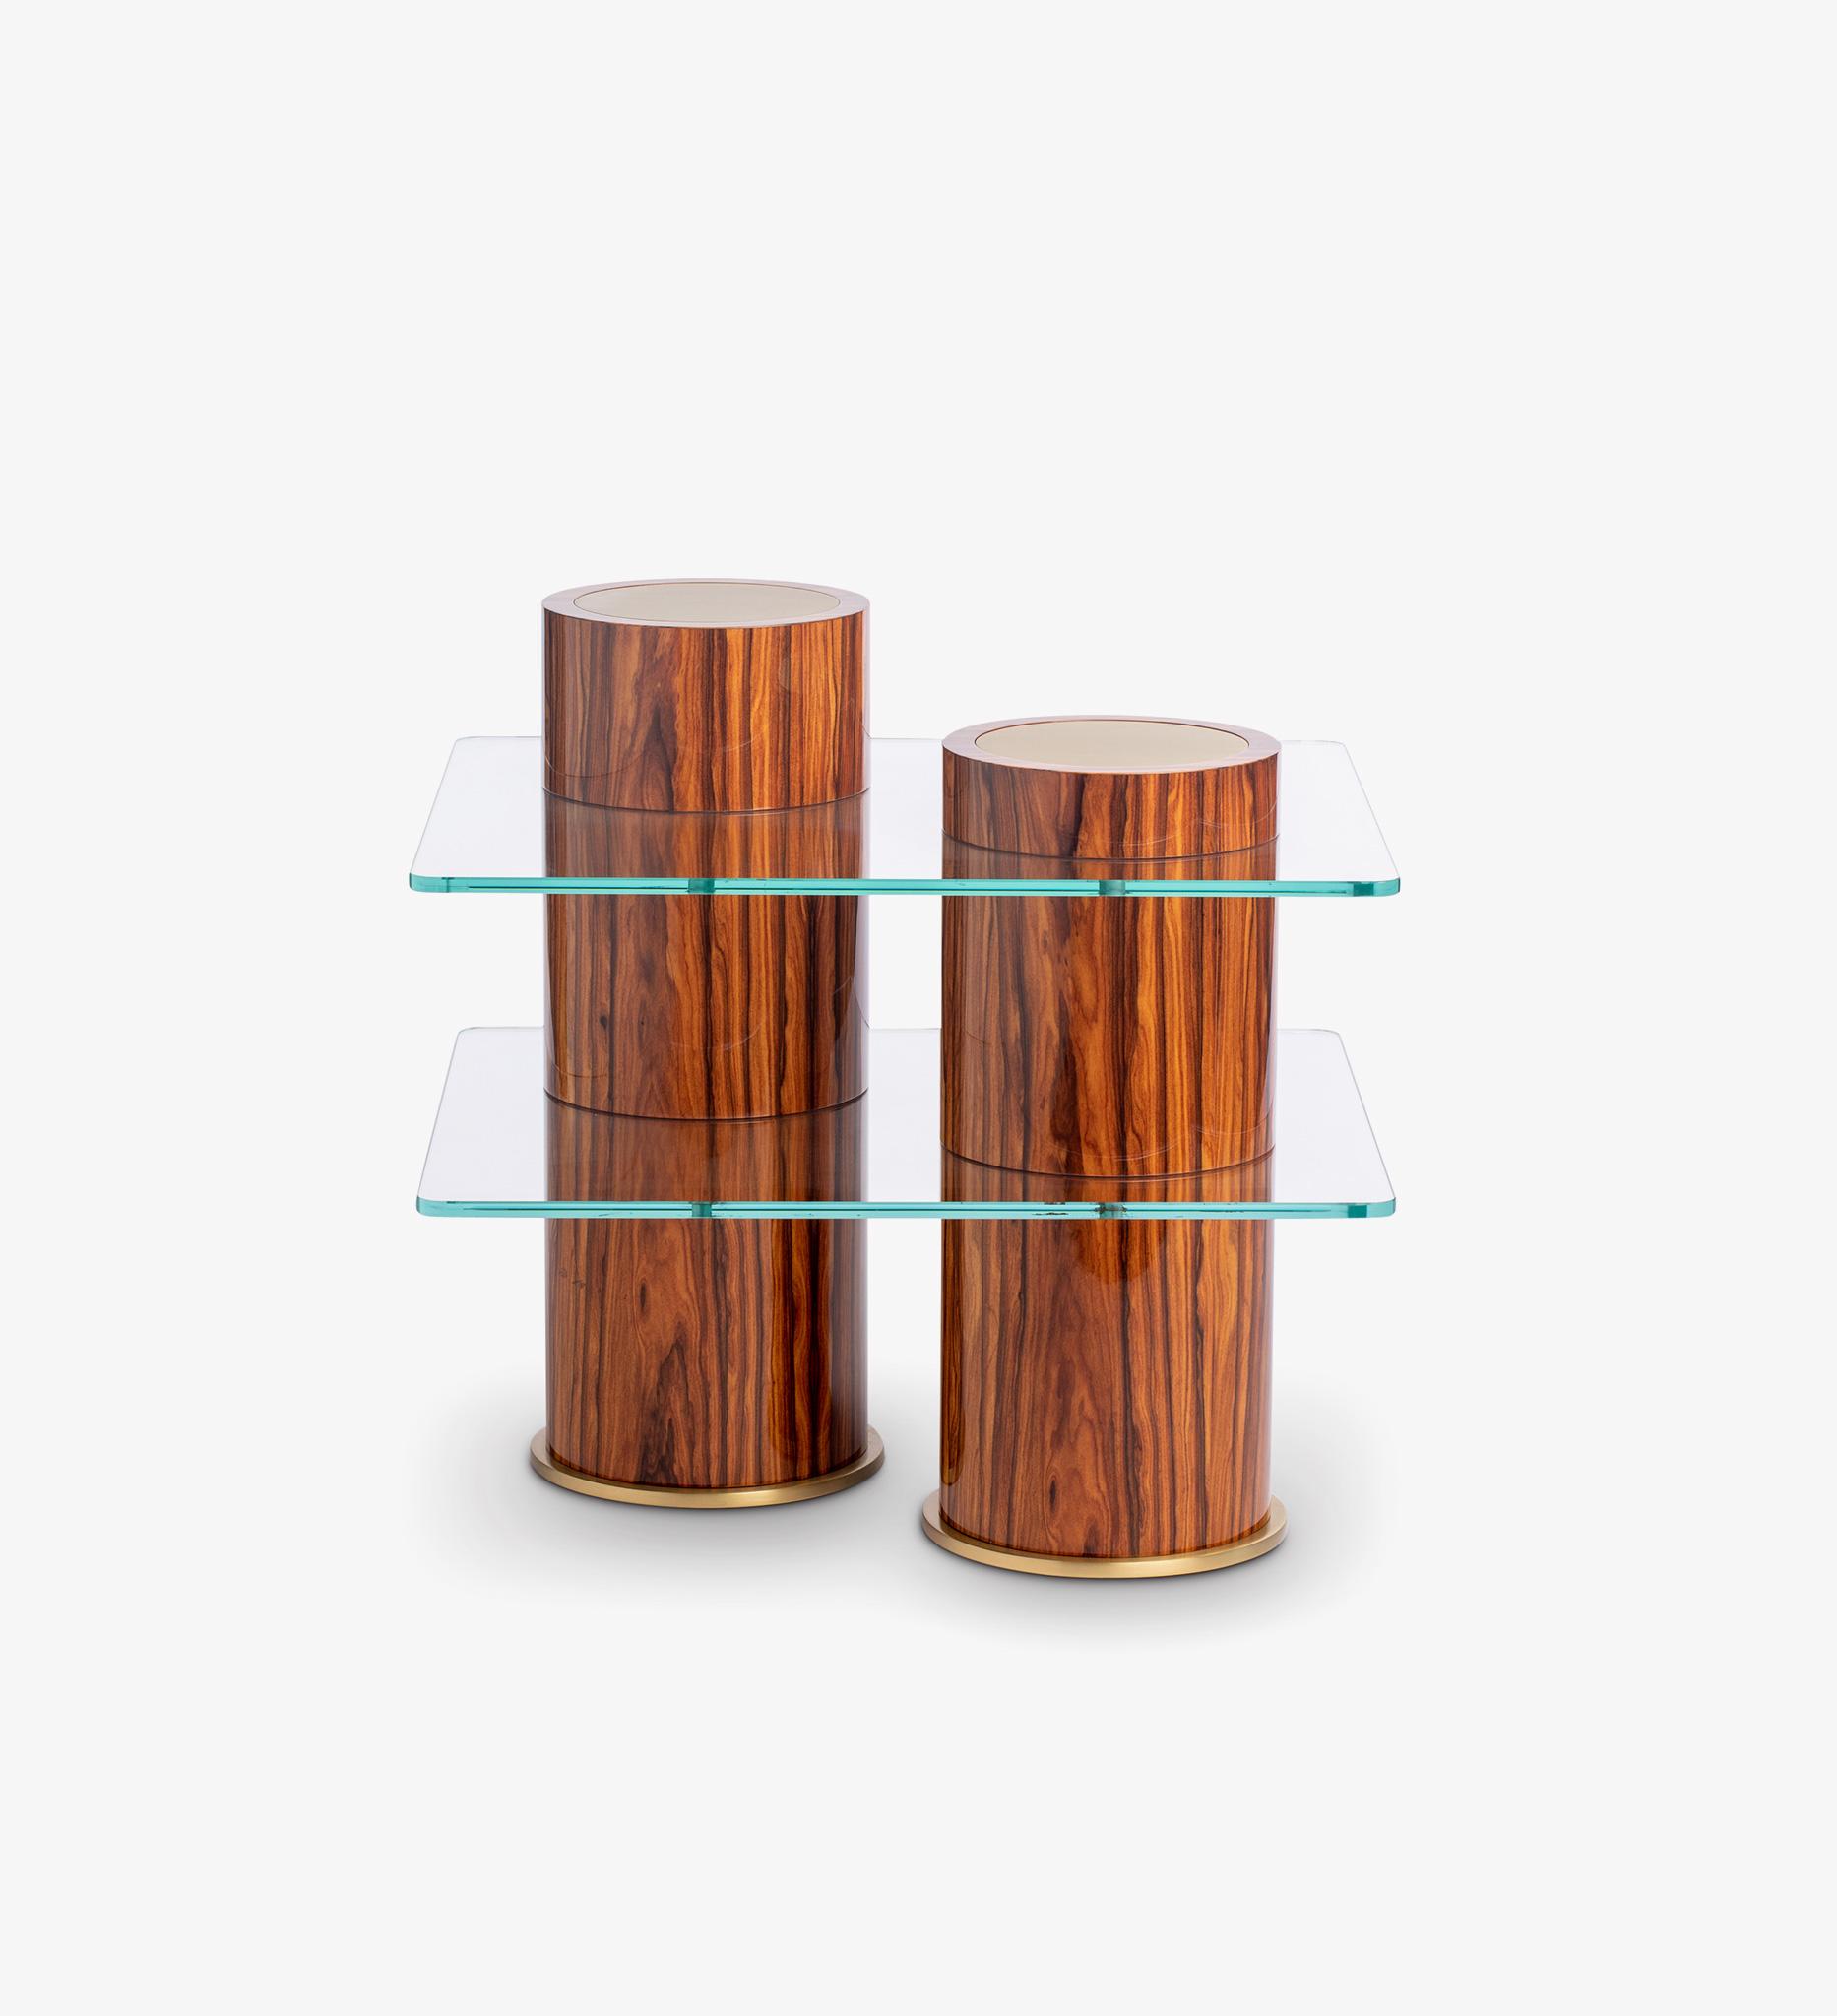 Brass, glass, rosewood, table, shelves, Henna, Satin Brass, wood, neutral, natural, Rivet